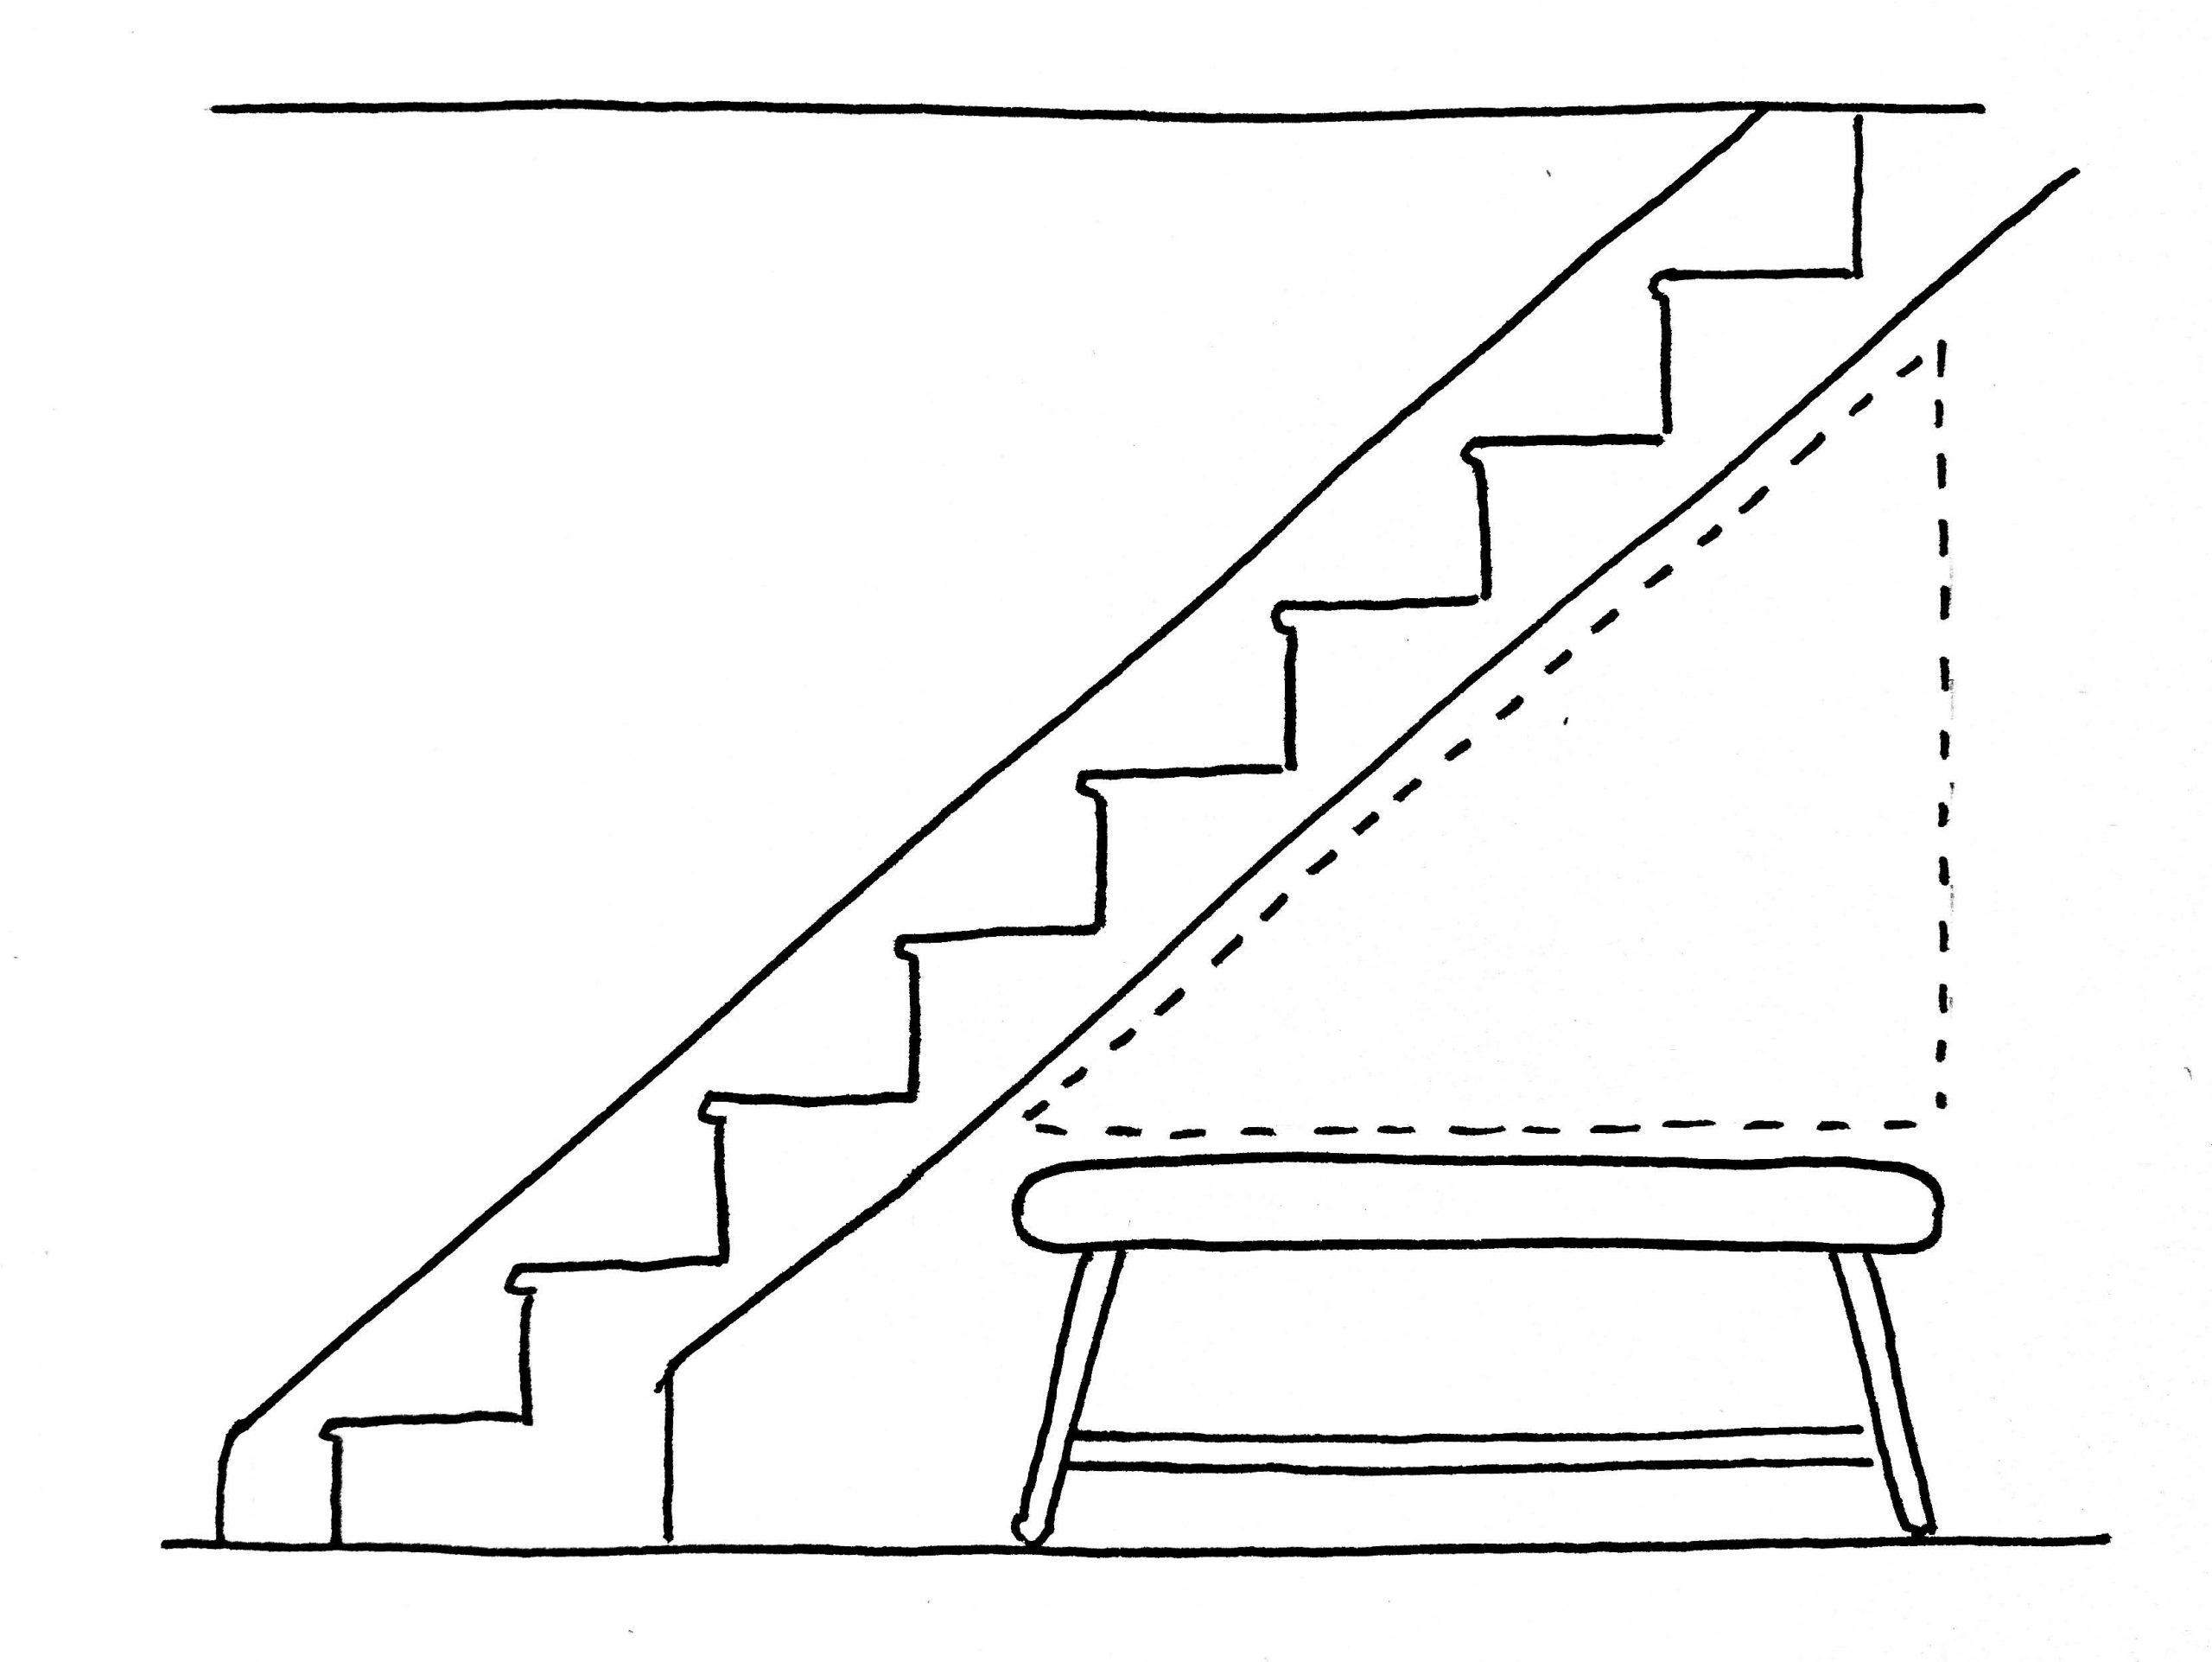 Pan de mur sous l'escalier